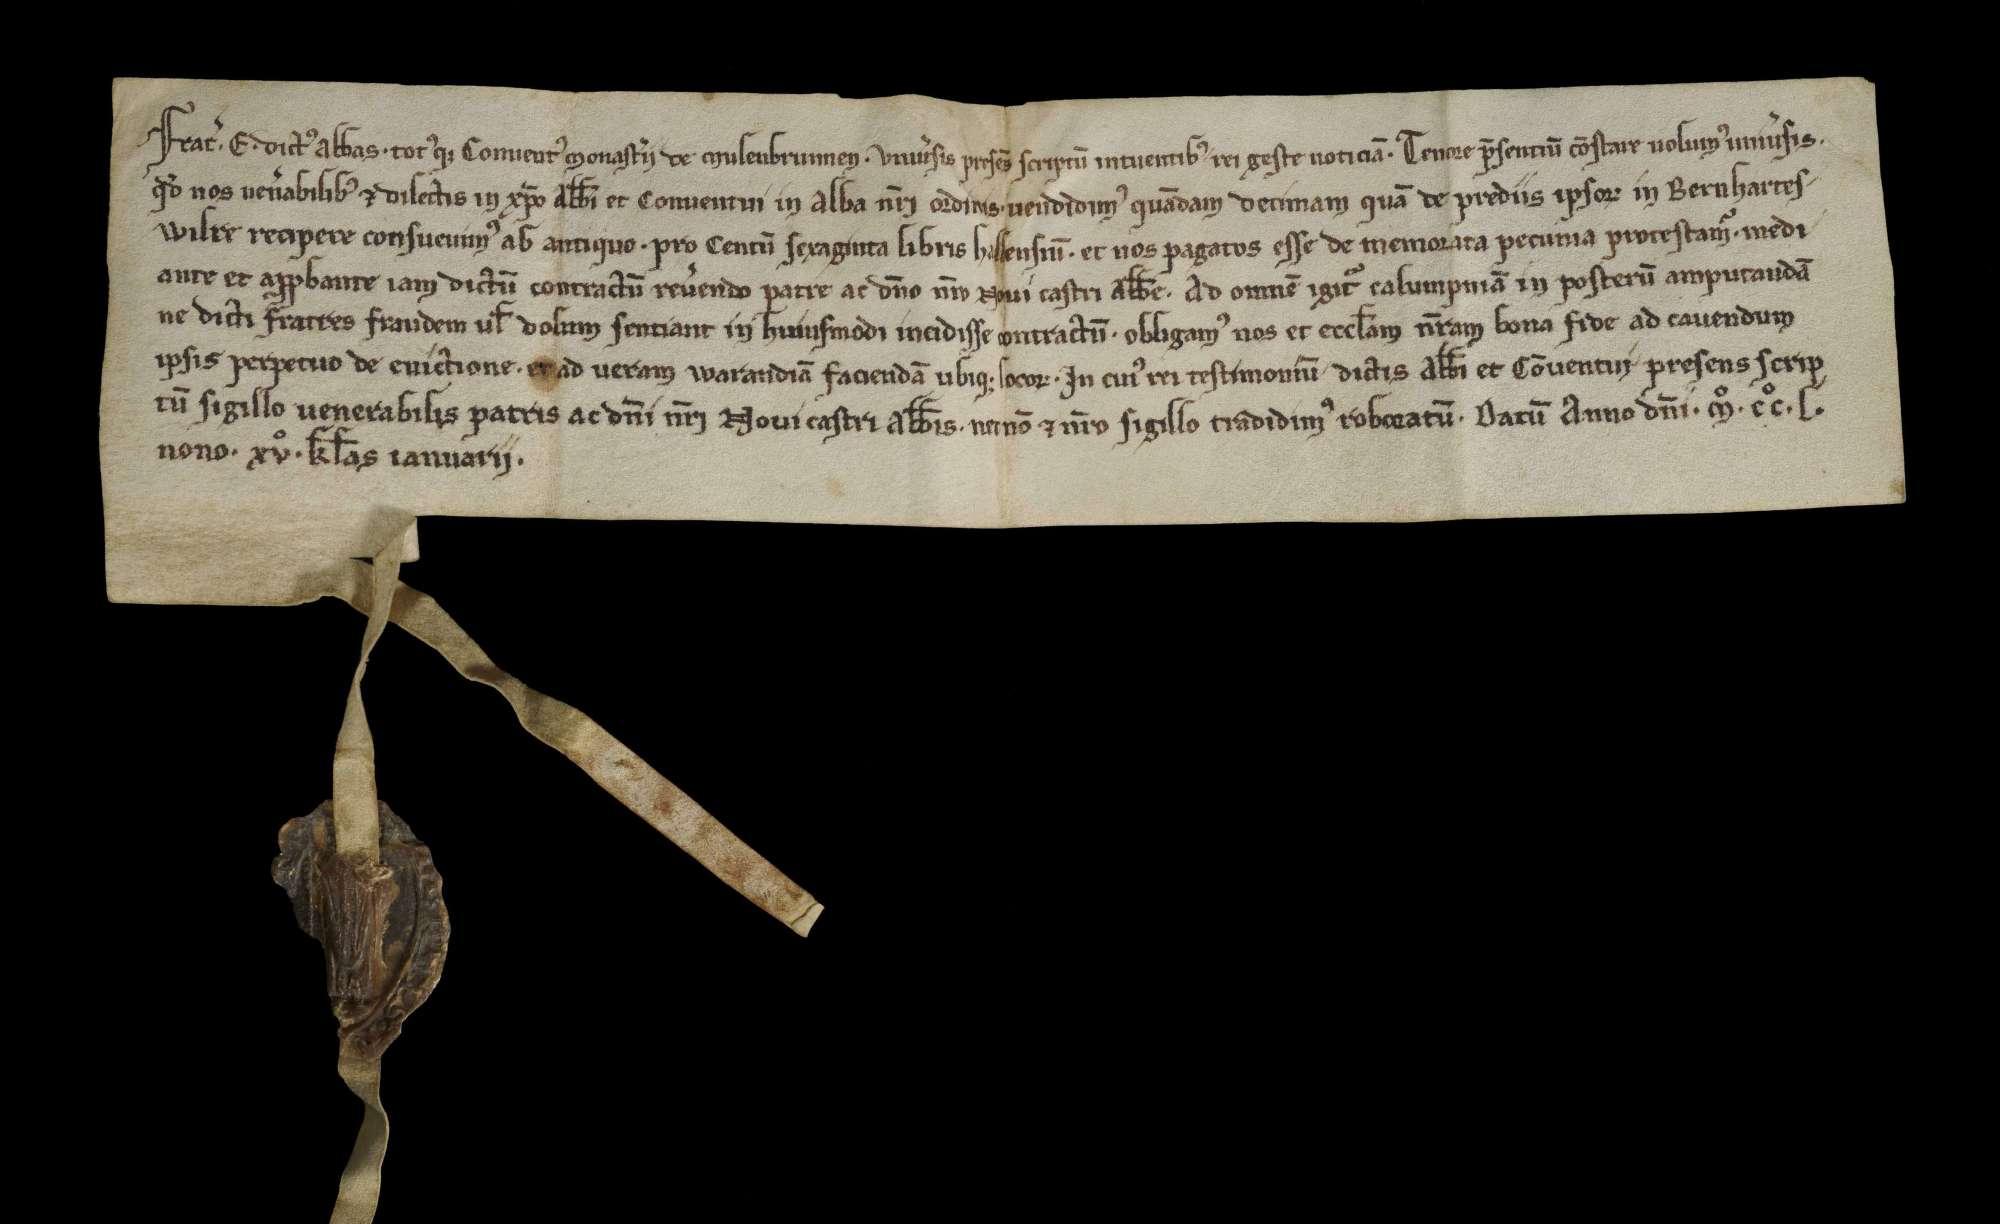 Abt Egenhard und Konvent von Maulbronn verkaufen unter Zustimmung des Abtes von Neuburg einen Zehnten in Bernhardsweiler um 160 Pfund Heller an Abt und Konvent von Herrenalb., r